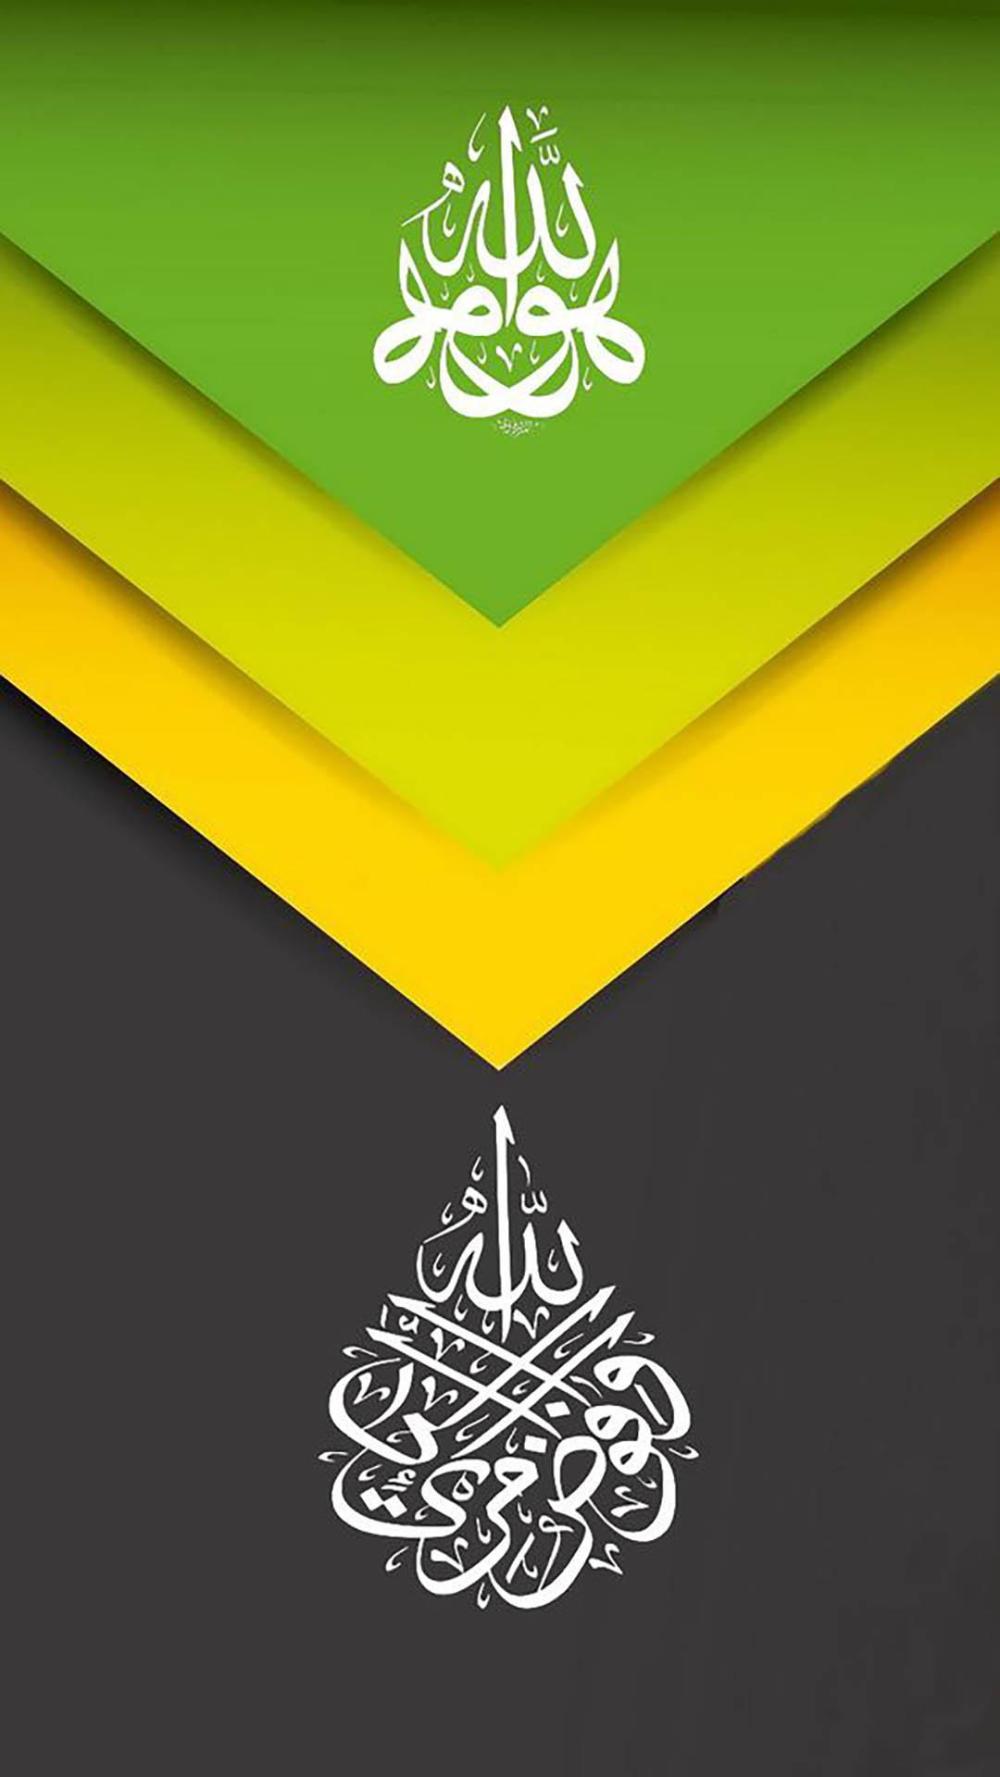 Kaligrafi Asmaul Husna Hd Cikimm Com Islamic Wallpaper Hd Islamic Wallpaper Islamic Art Calligraphy